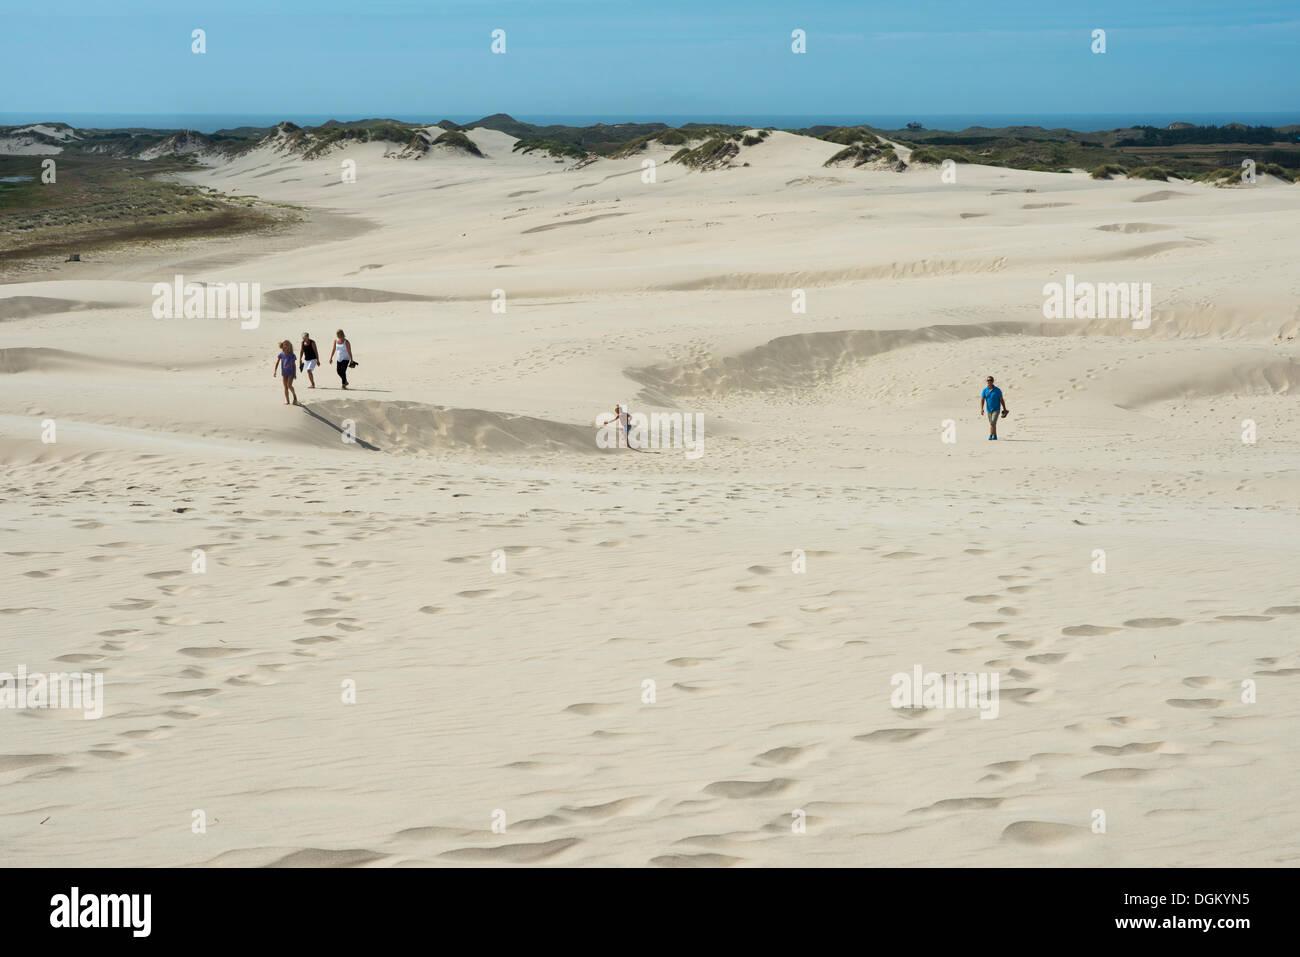 Tourists strolling on the Råbjerg Mile migrating dune, Kandestederne, Region Nordjylland, Jutland, Denmark - Stock Image